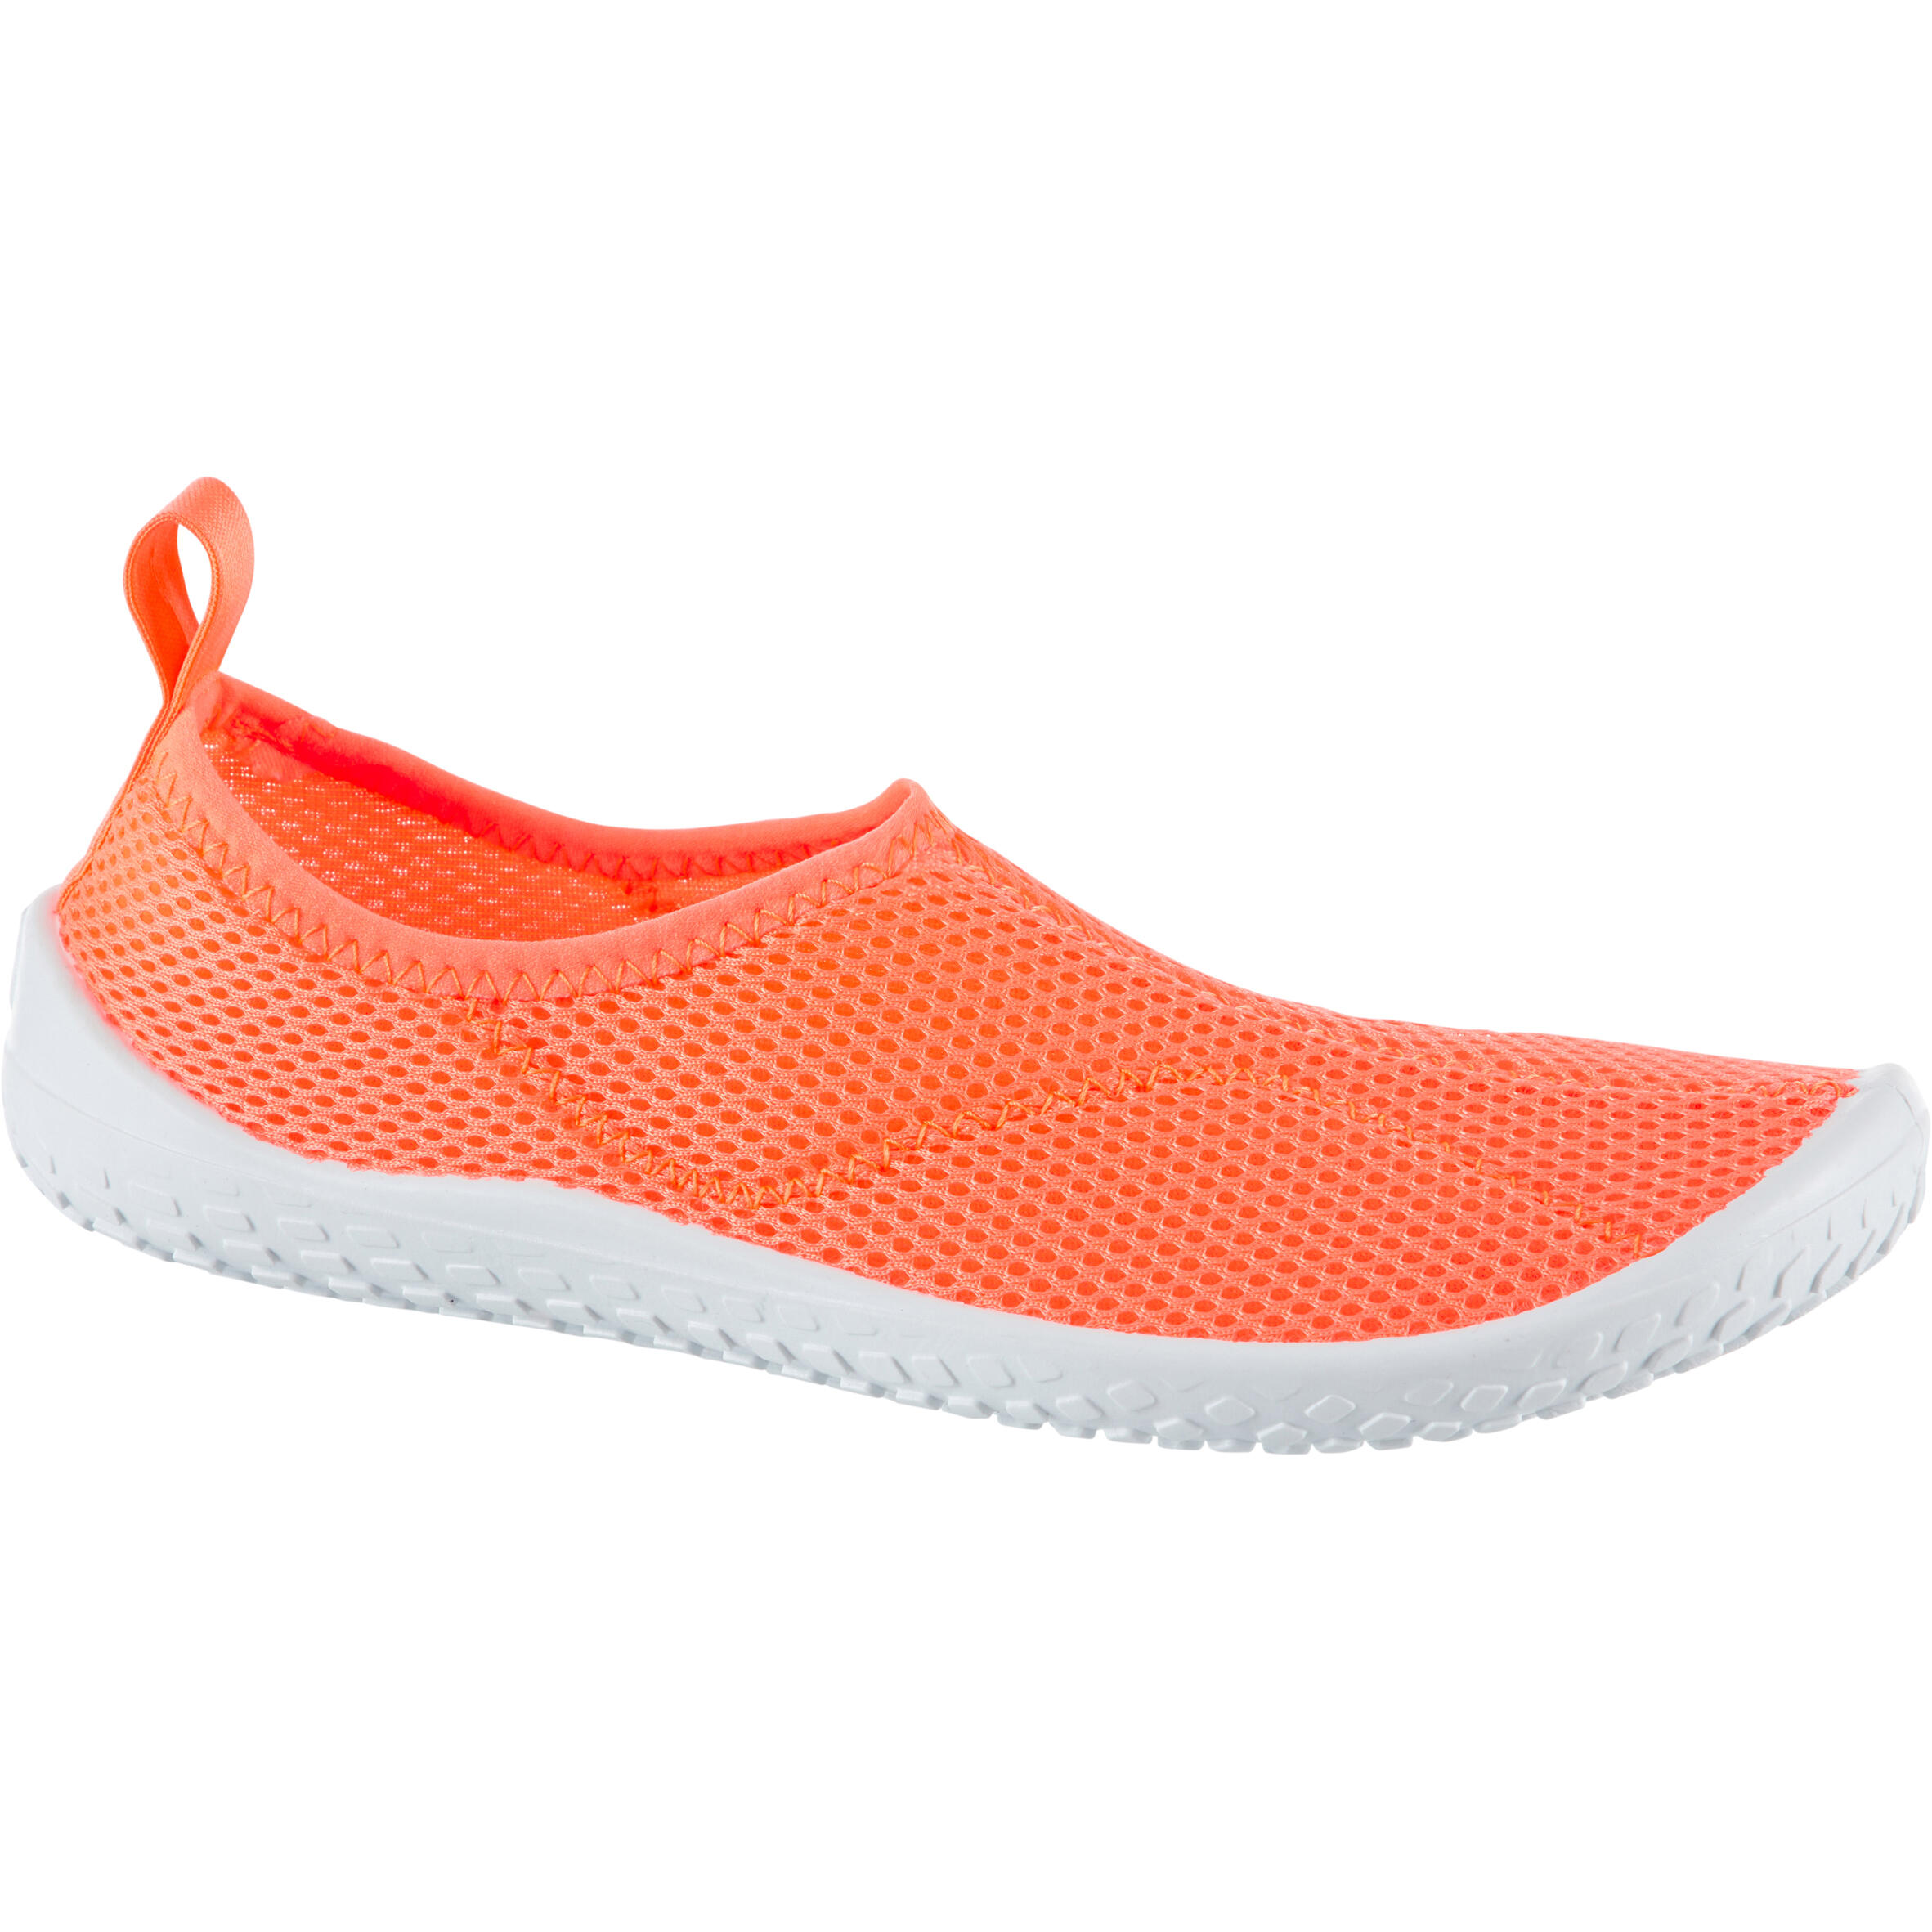 Zapatillas acuáticas Aquashoes 100 niños rojo coral